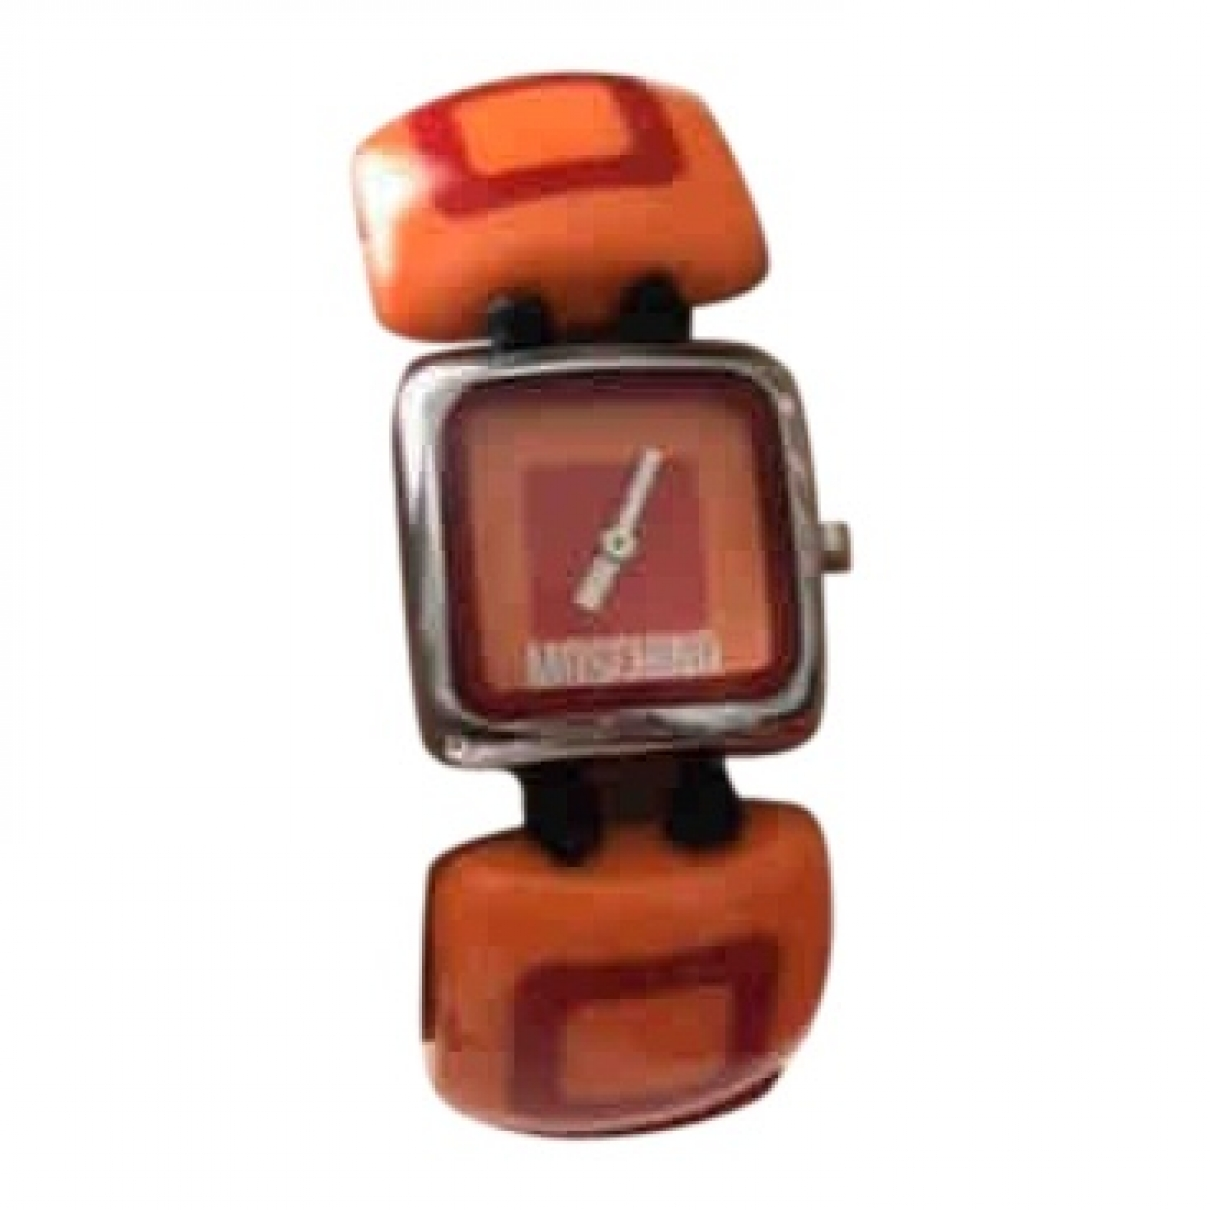 Reloj Moschino